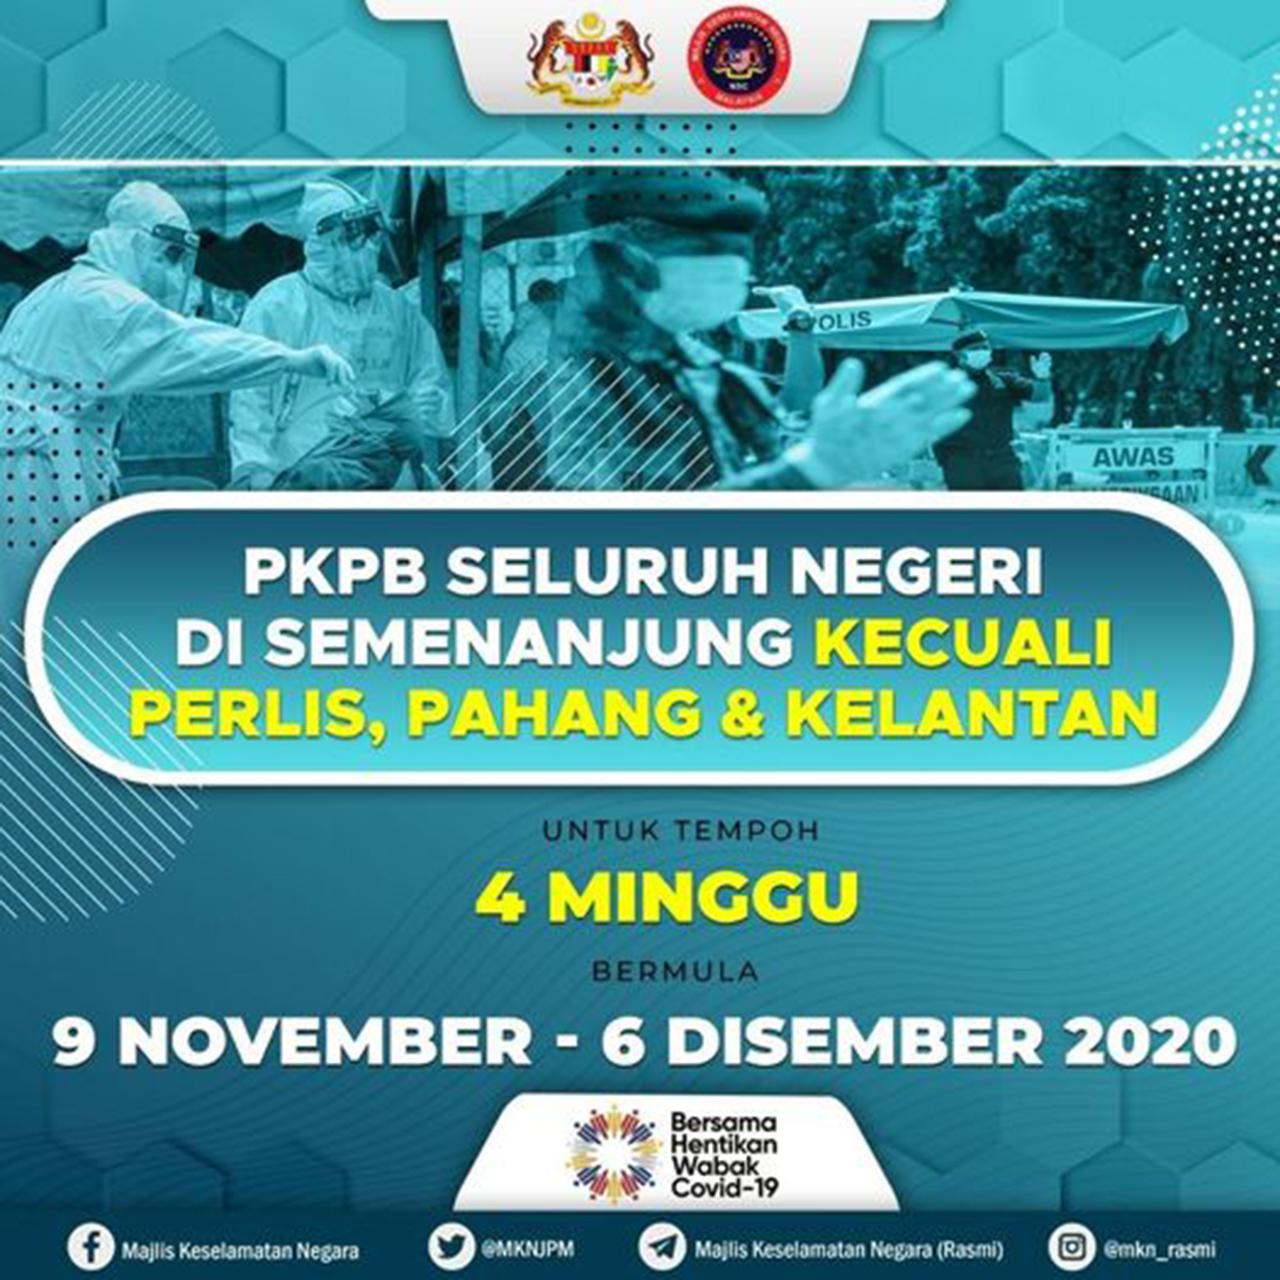 PKPB dilanjutkan dari 9 November 2020 hingga 6 Disember 2020